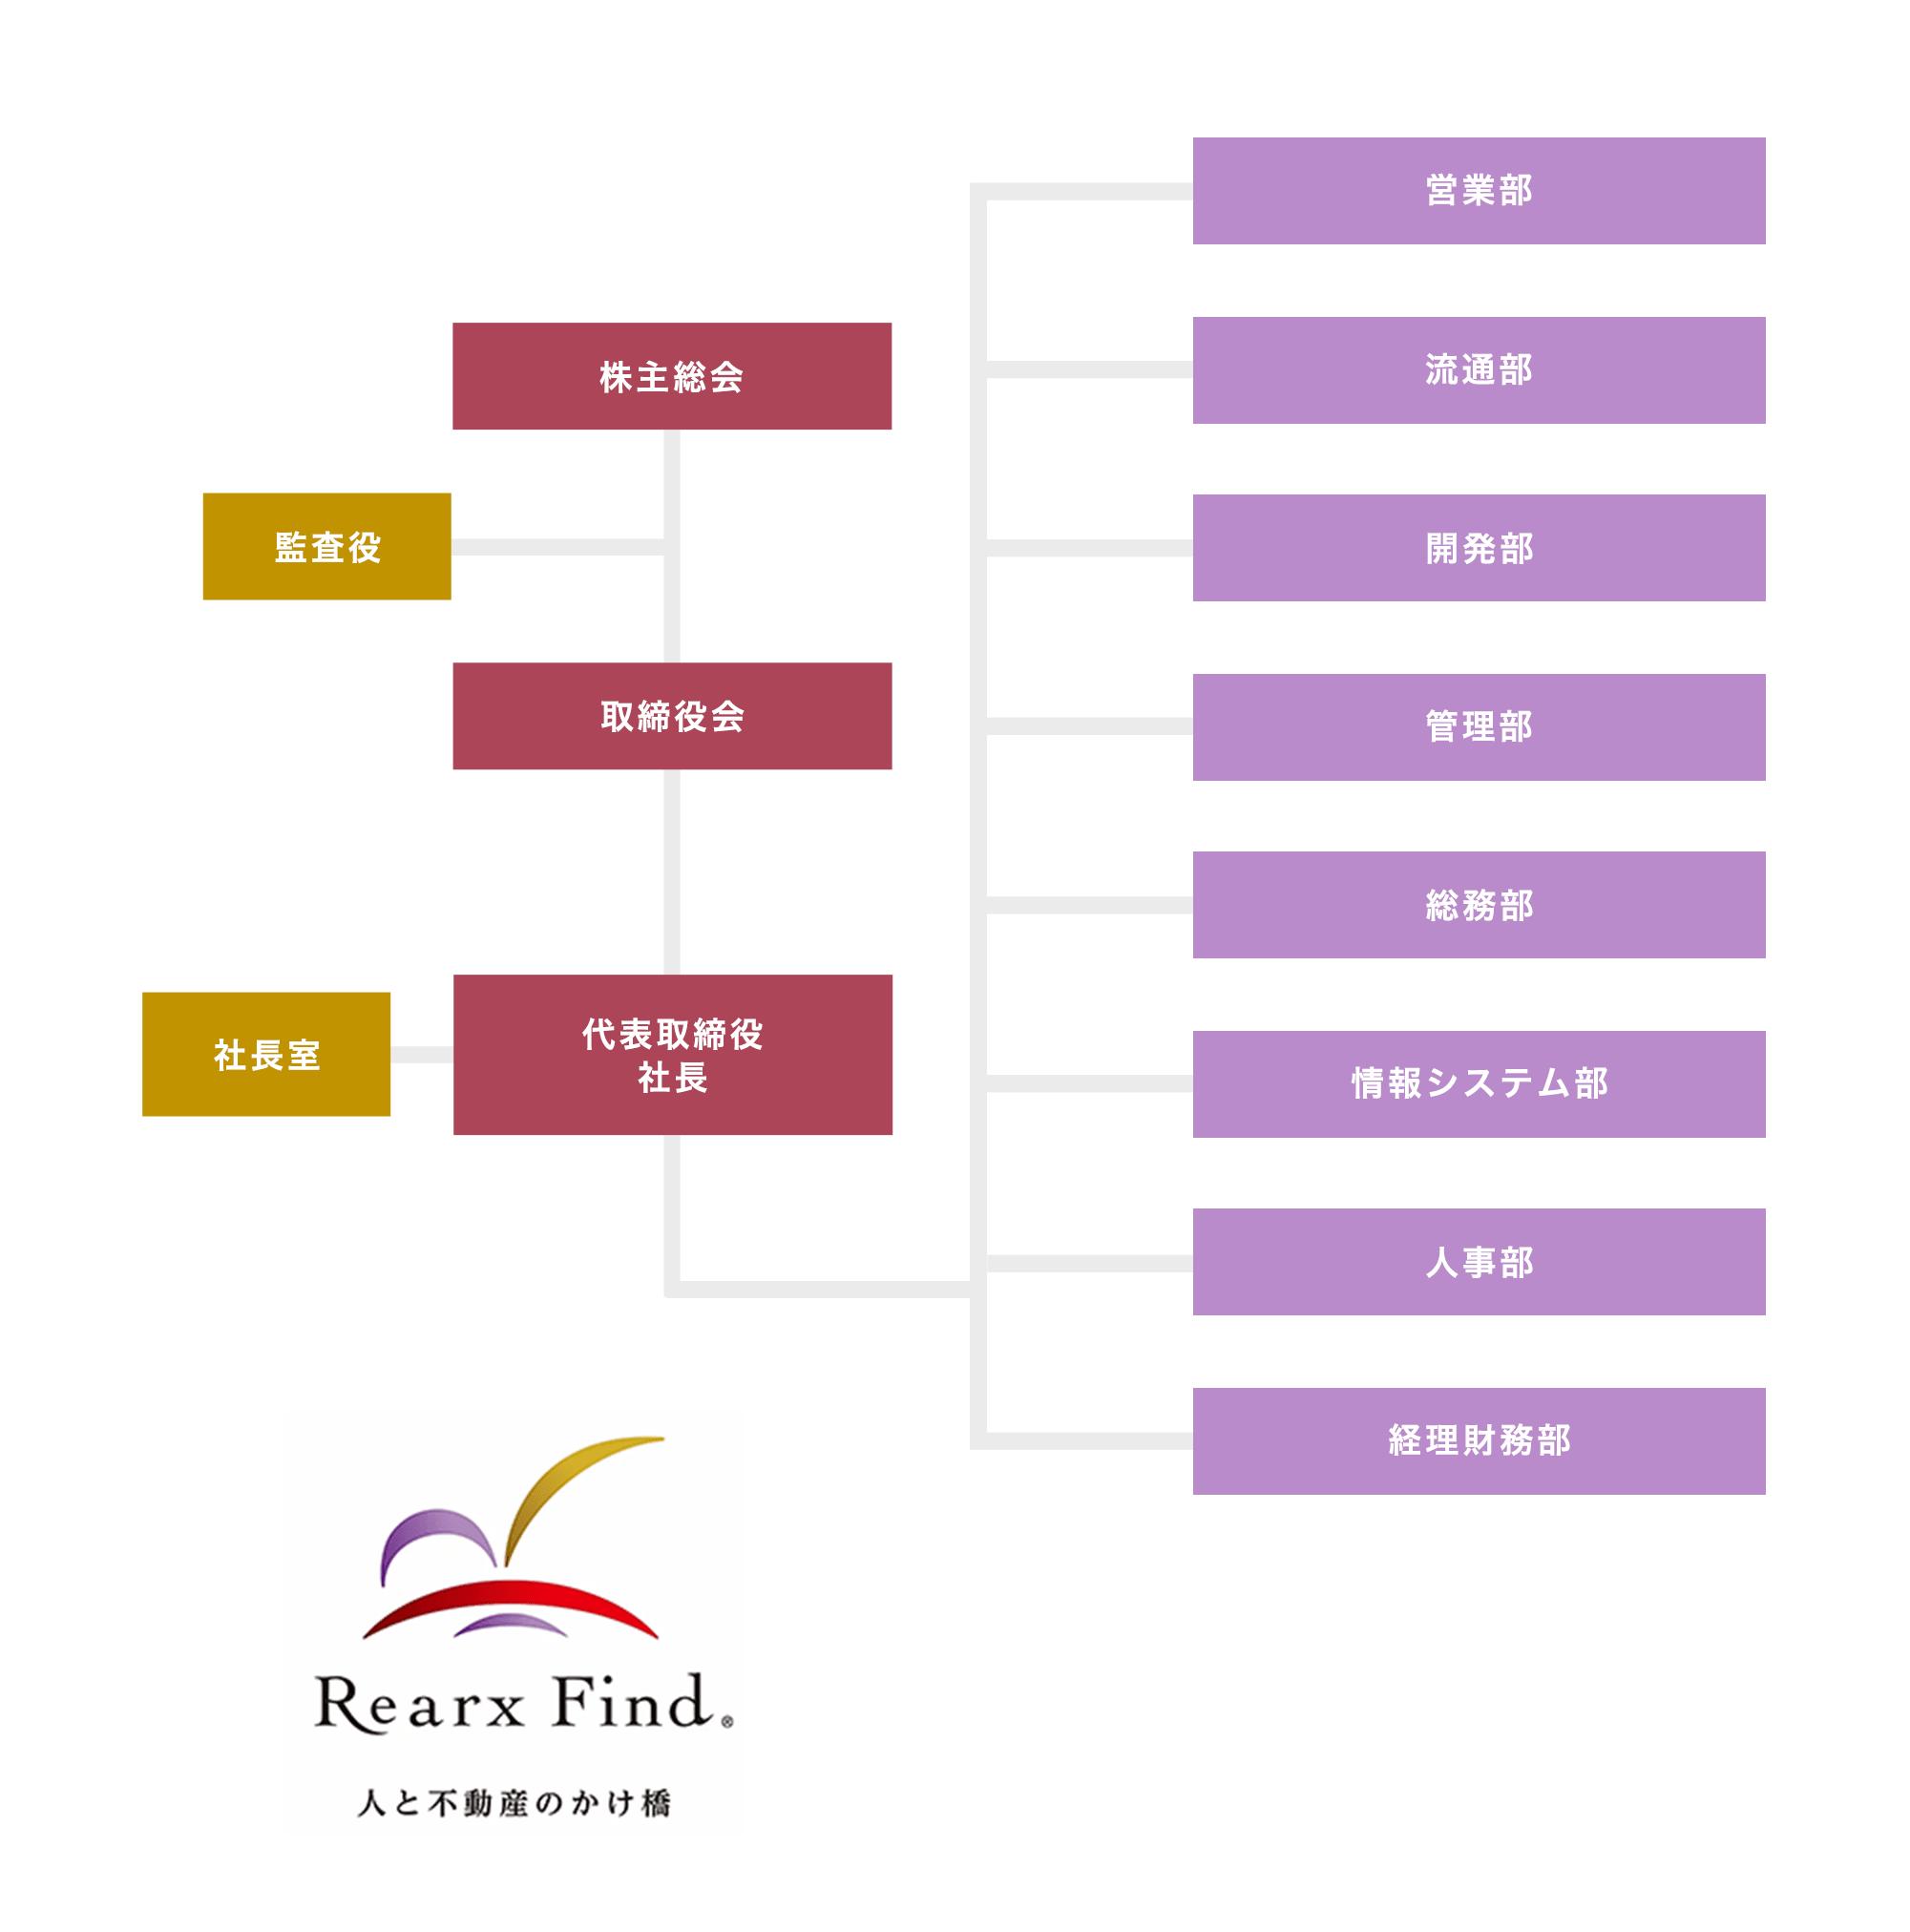 株式会社リアークスファインドの組織図